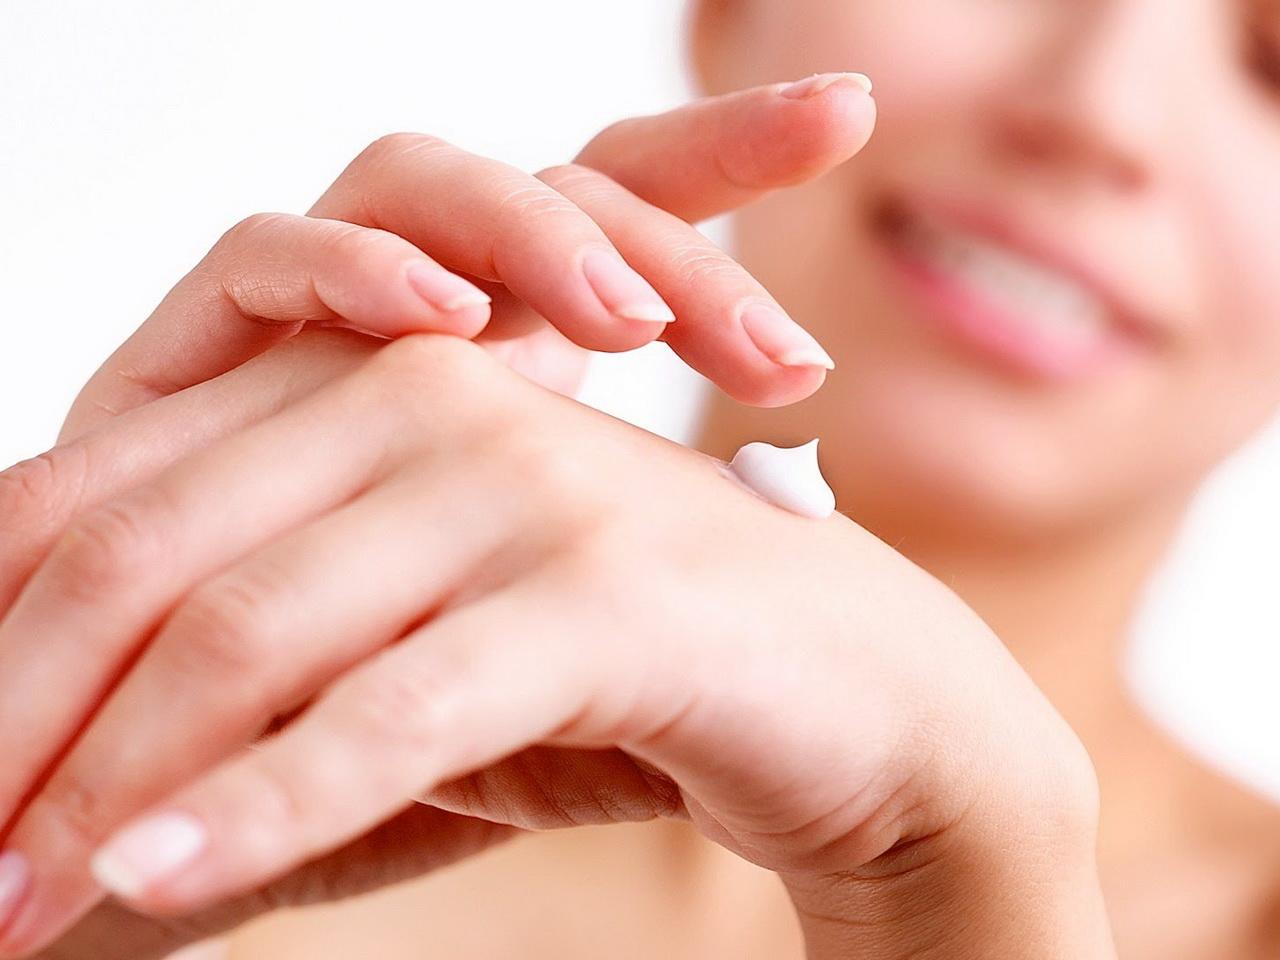 крем и руки